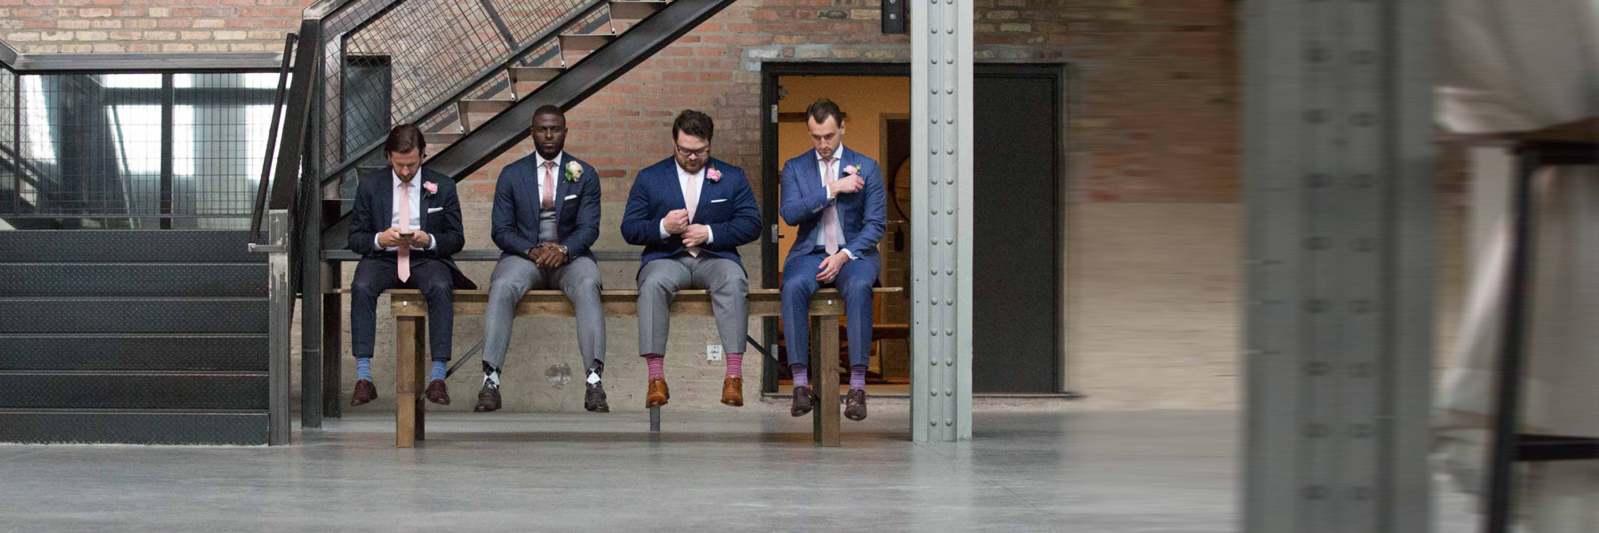 Best Wedding Socks for Groom